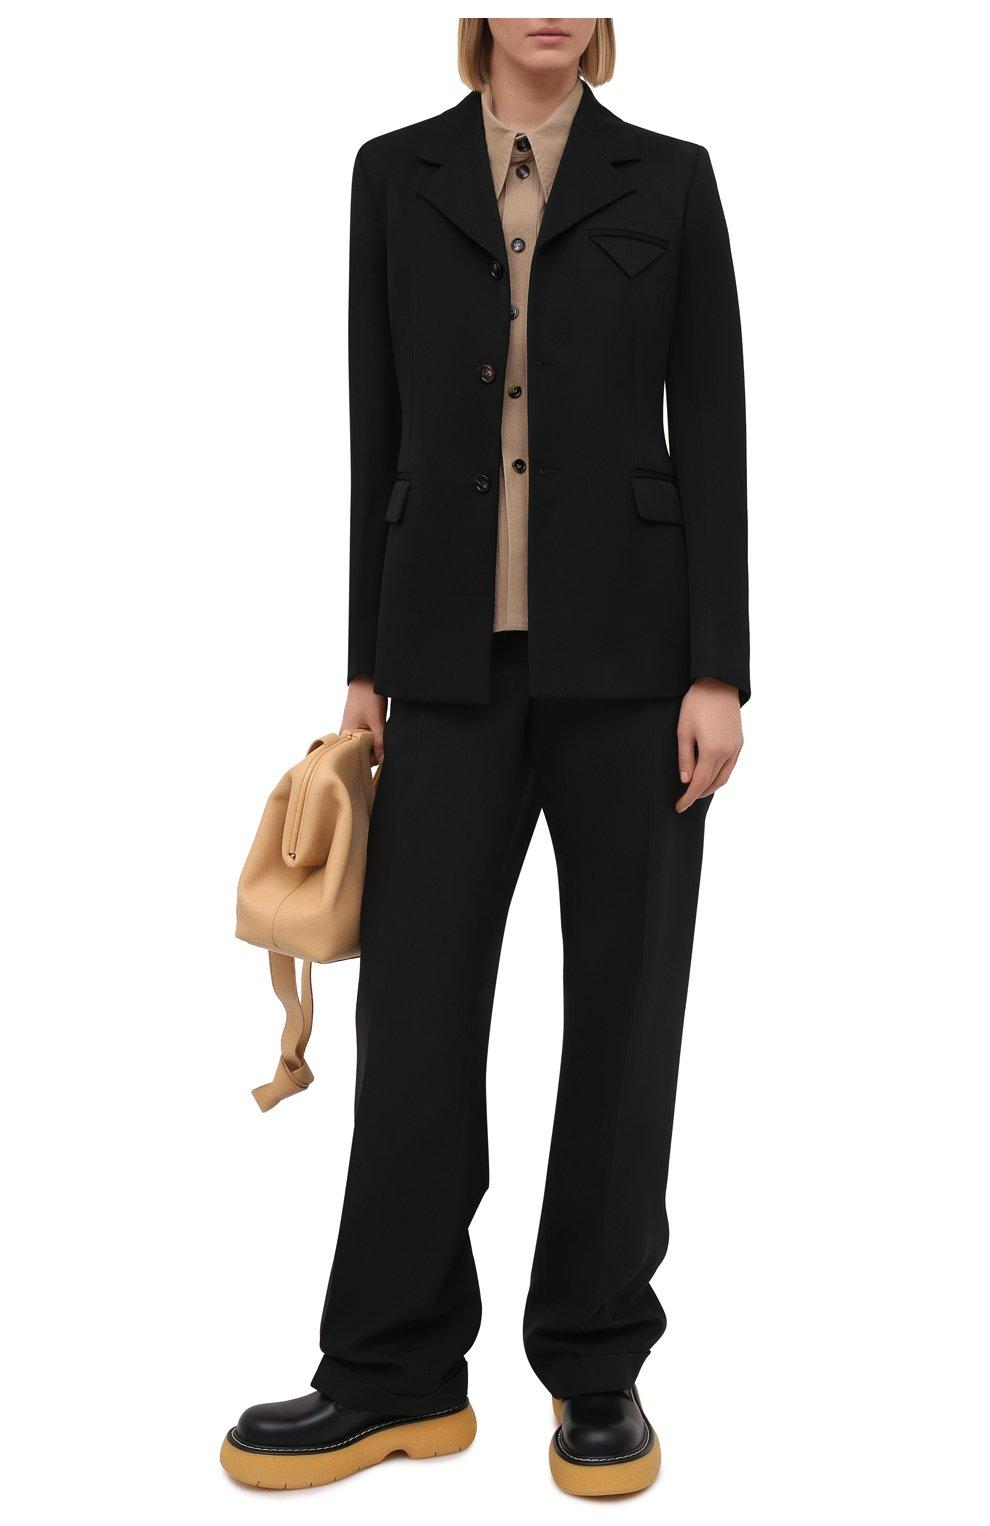 Женский шерстяной жакет BOTTEGA VENETA черного цвета, арт. 651573/VKIS0 | Фото 2 (Материал внешний: Шерсть; Рукава: Длинные; Длина (для топов): Стандартные; Случай: Формальный; Материал подклада: Вискоза; Женское Кросс-КТ: Жакет-одежда; Стили: Кэжуэл)